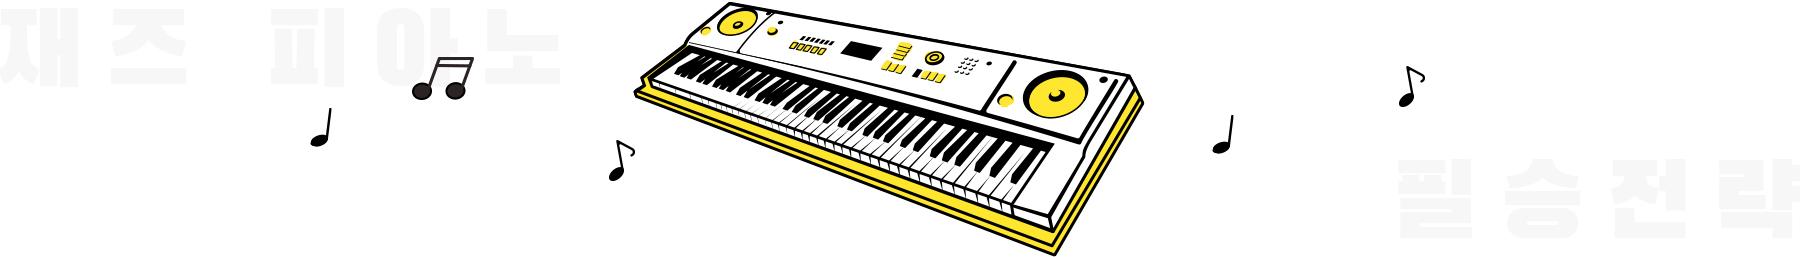 피아노배경pc